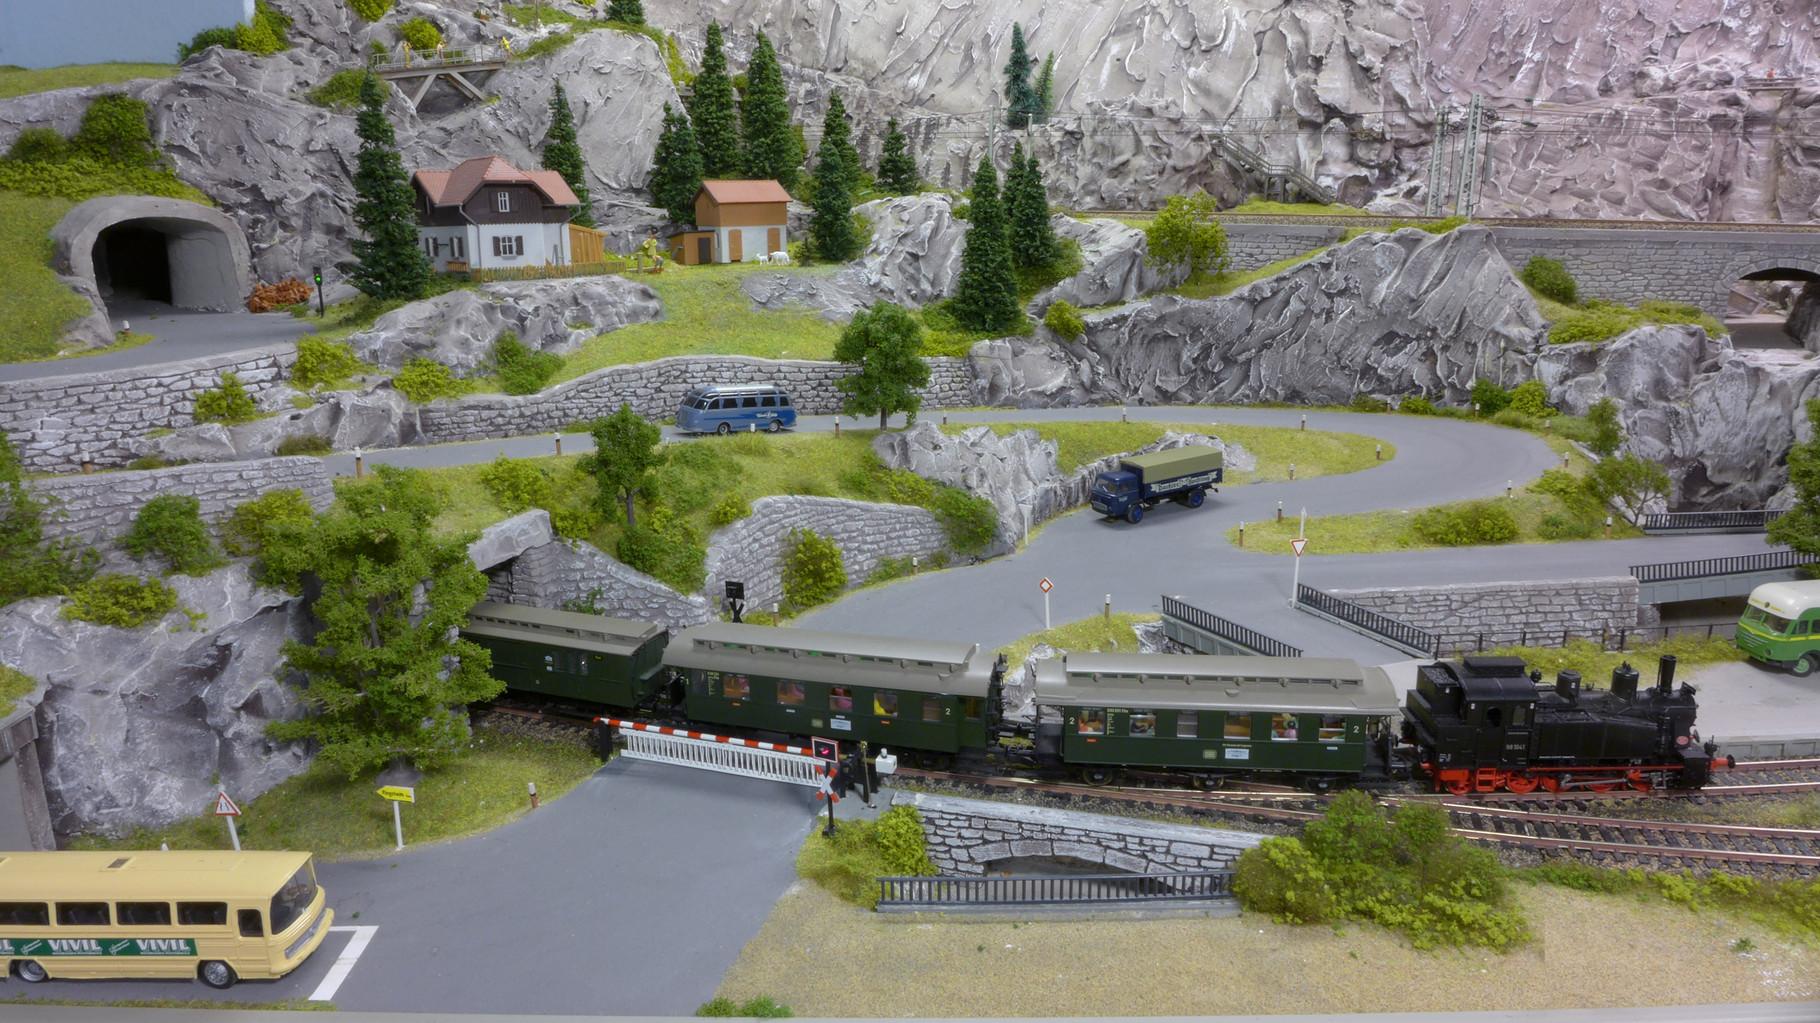 BR98 1041 von Brawa mit Kroiskupplung und ESU LokSound hat Einfahrt in Riedberg